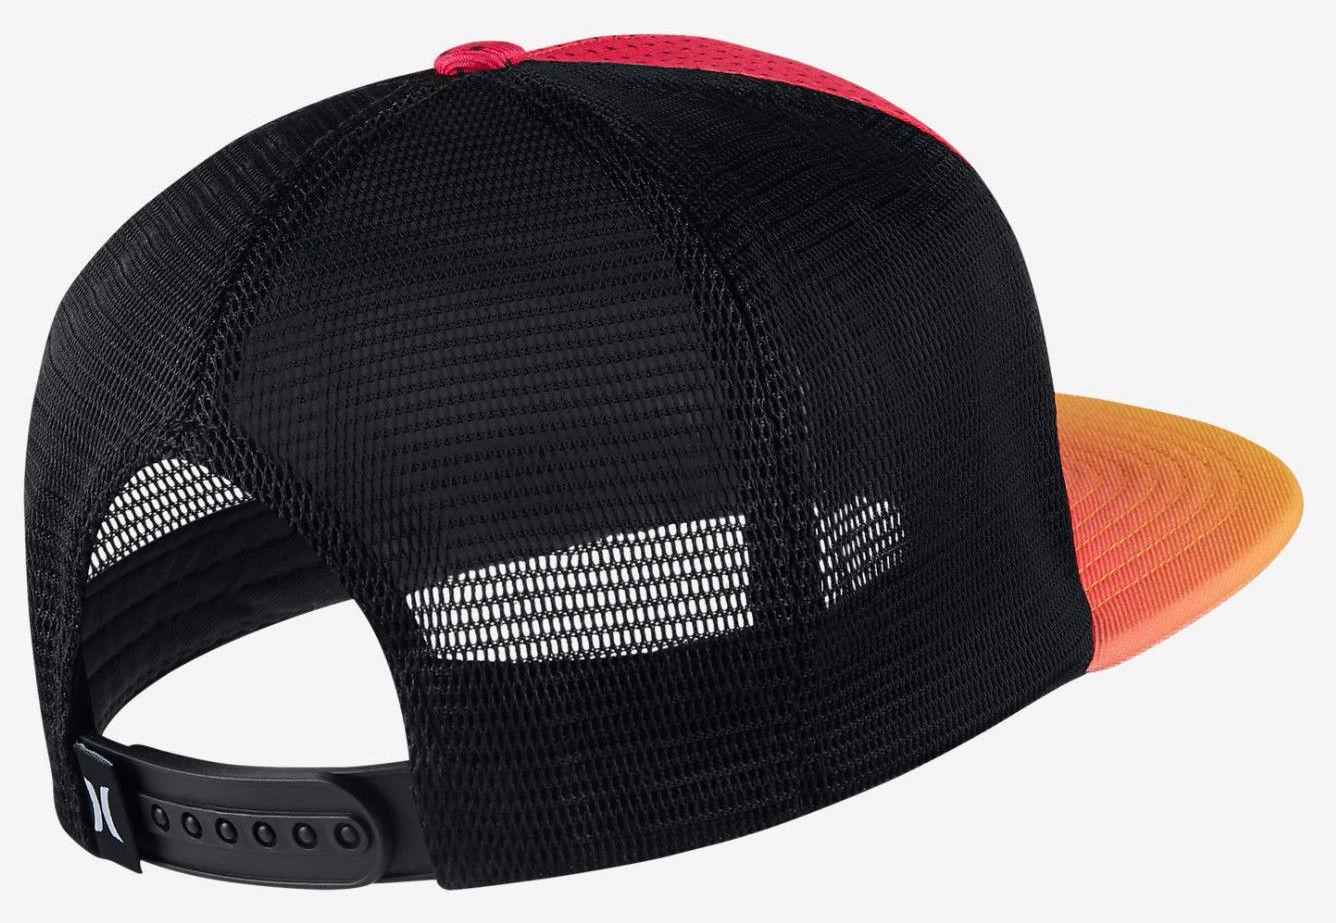 59c517ba5f4d Hurley Men s Third Reef Trucker Hat Cap